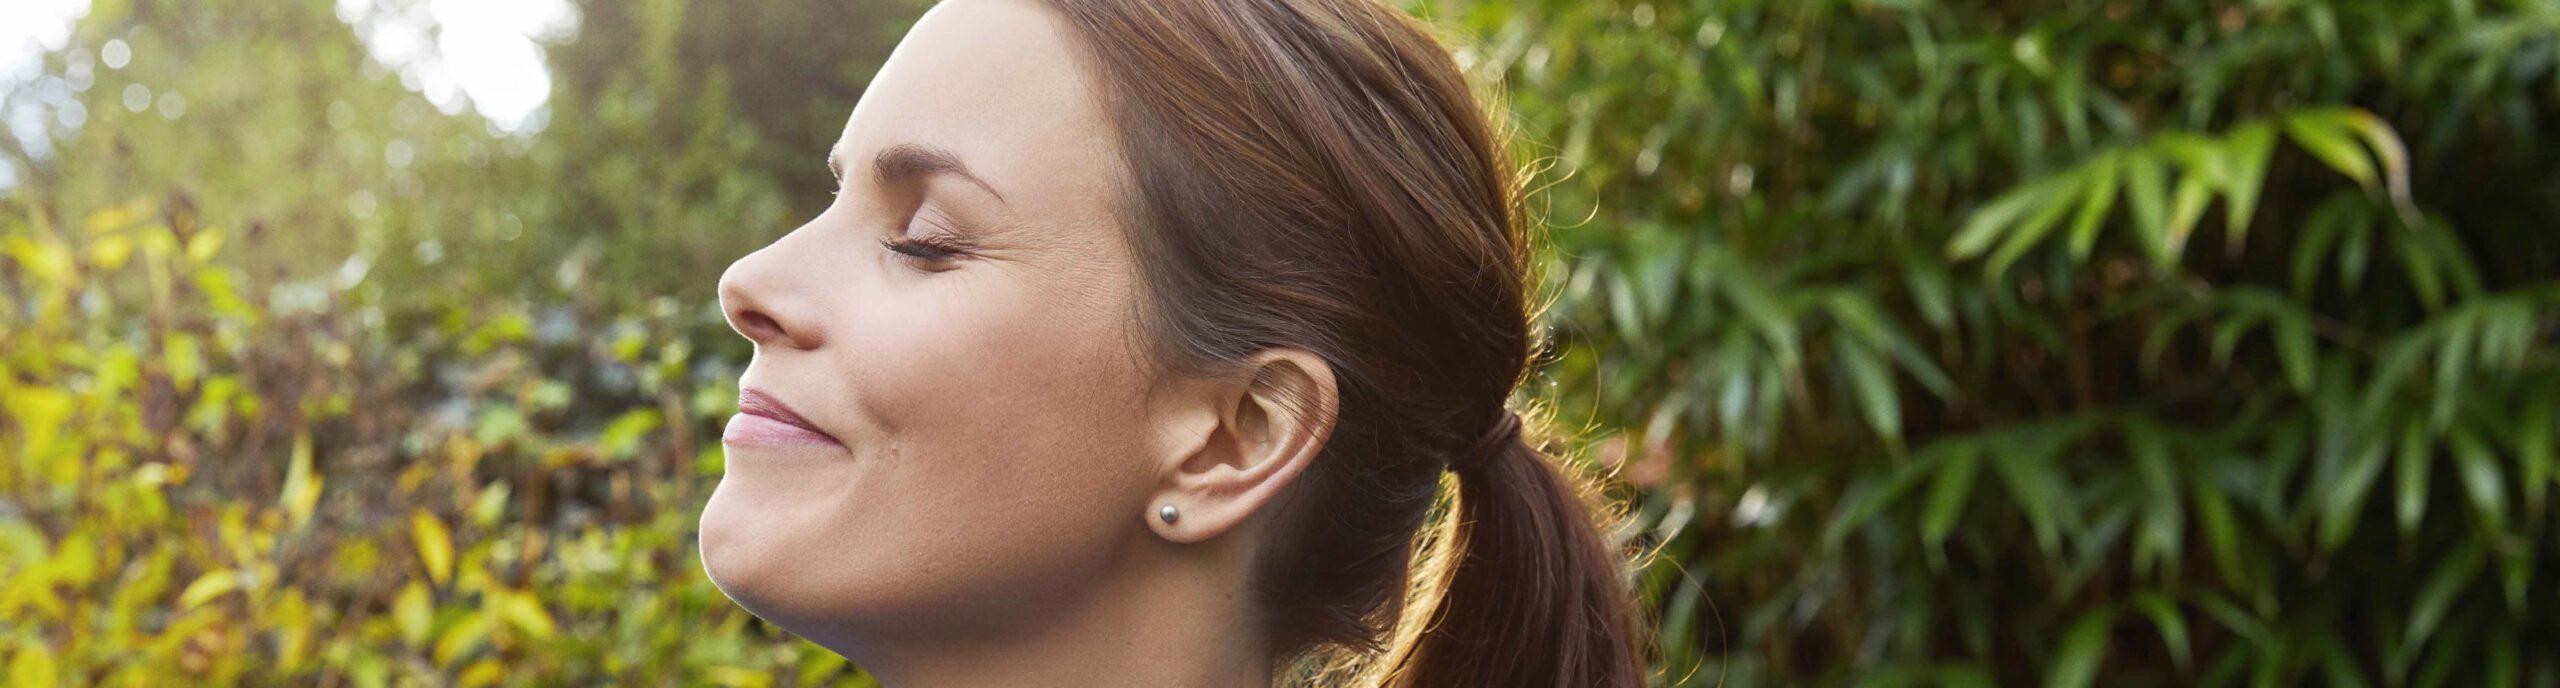 Vrouw met gezicht in de zon